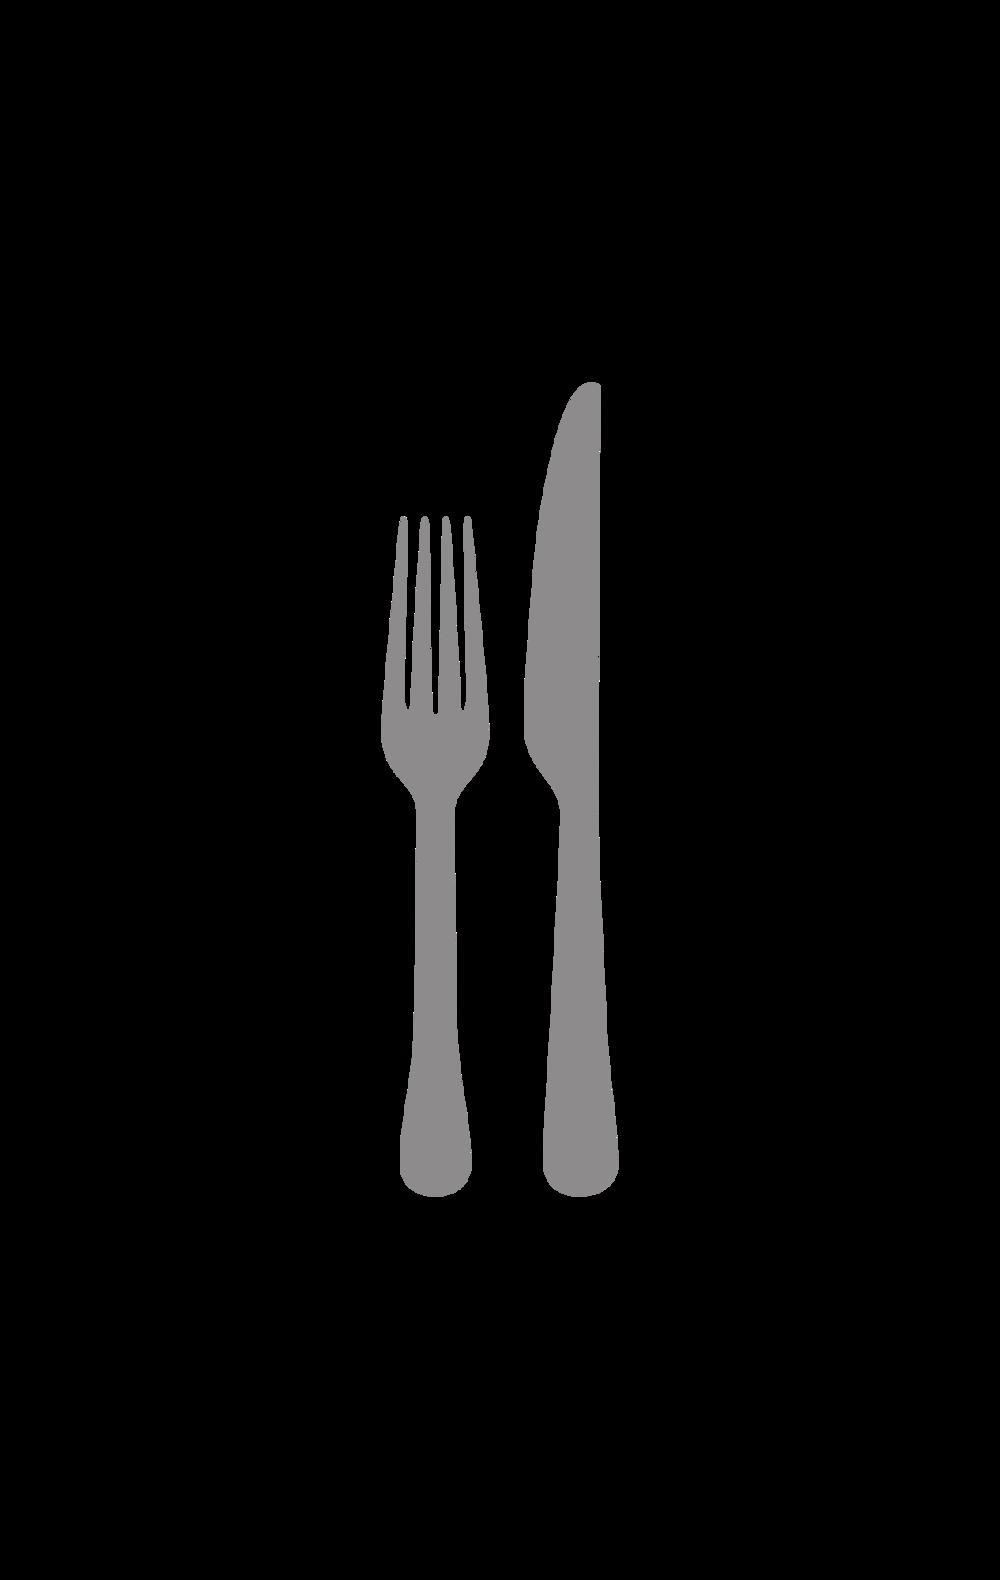 KnifeForkLogoGrey.png